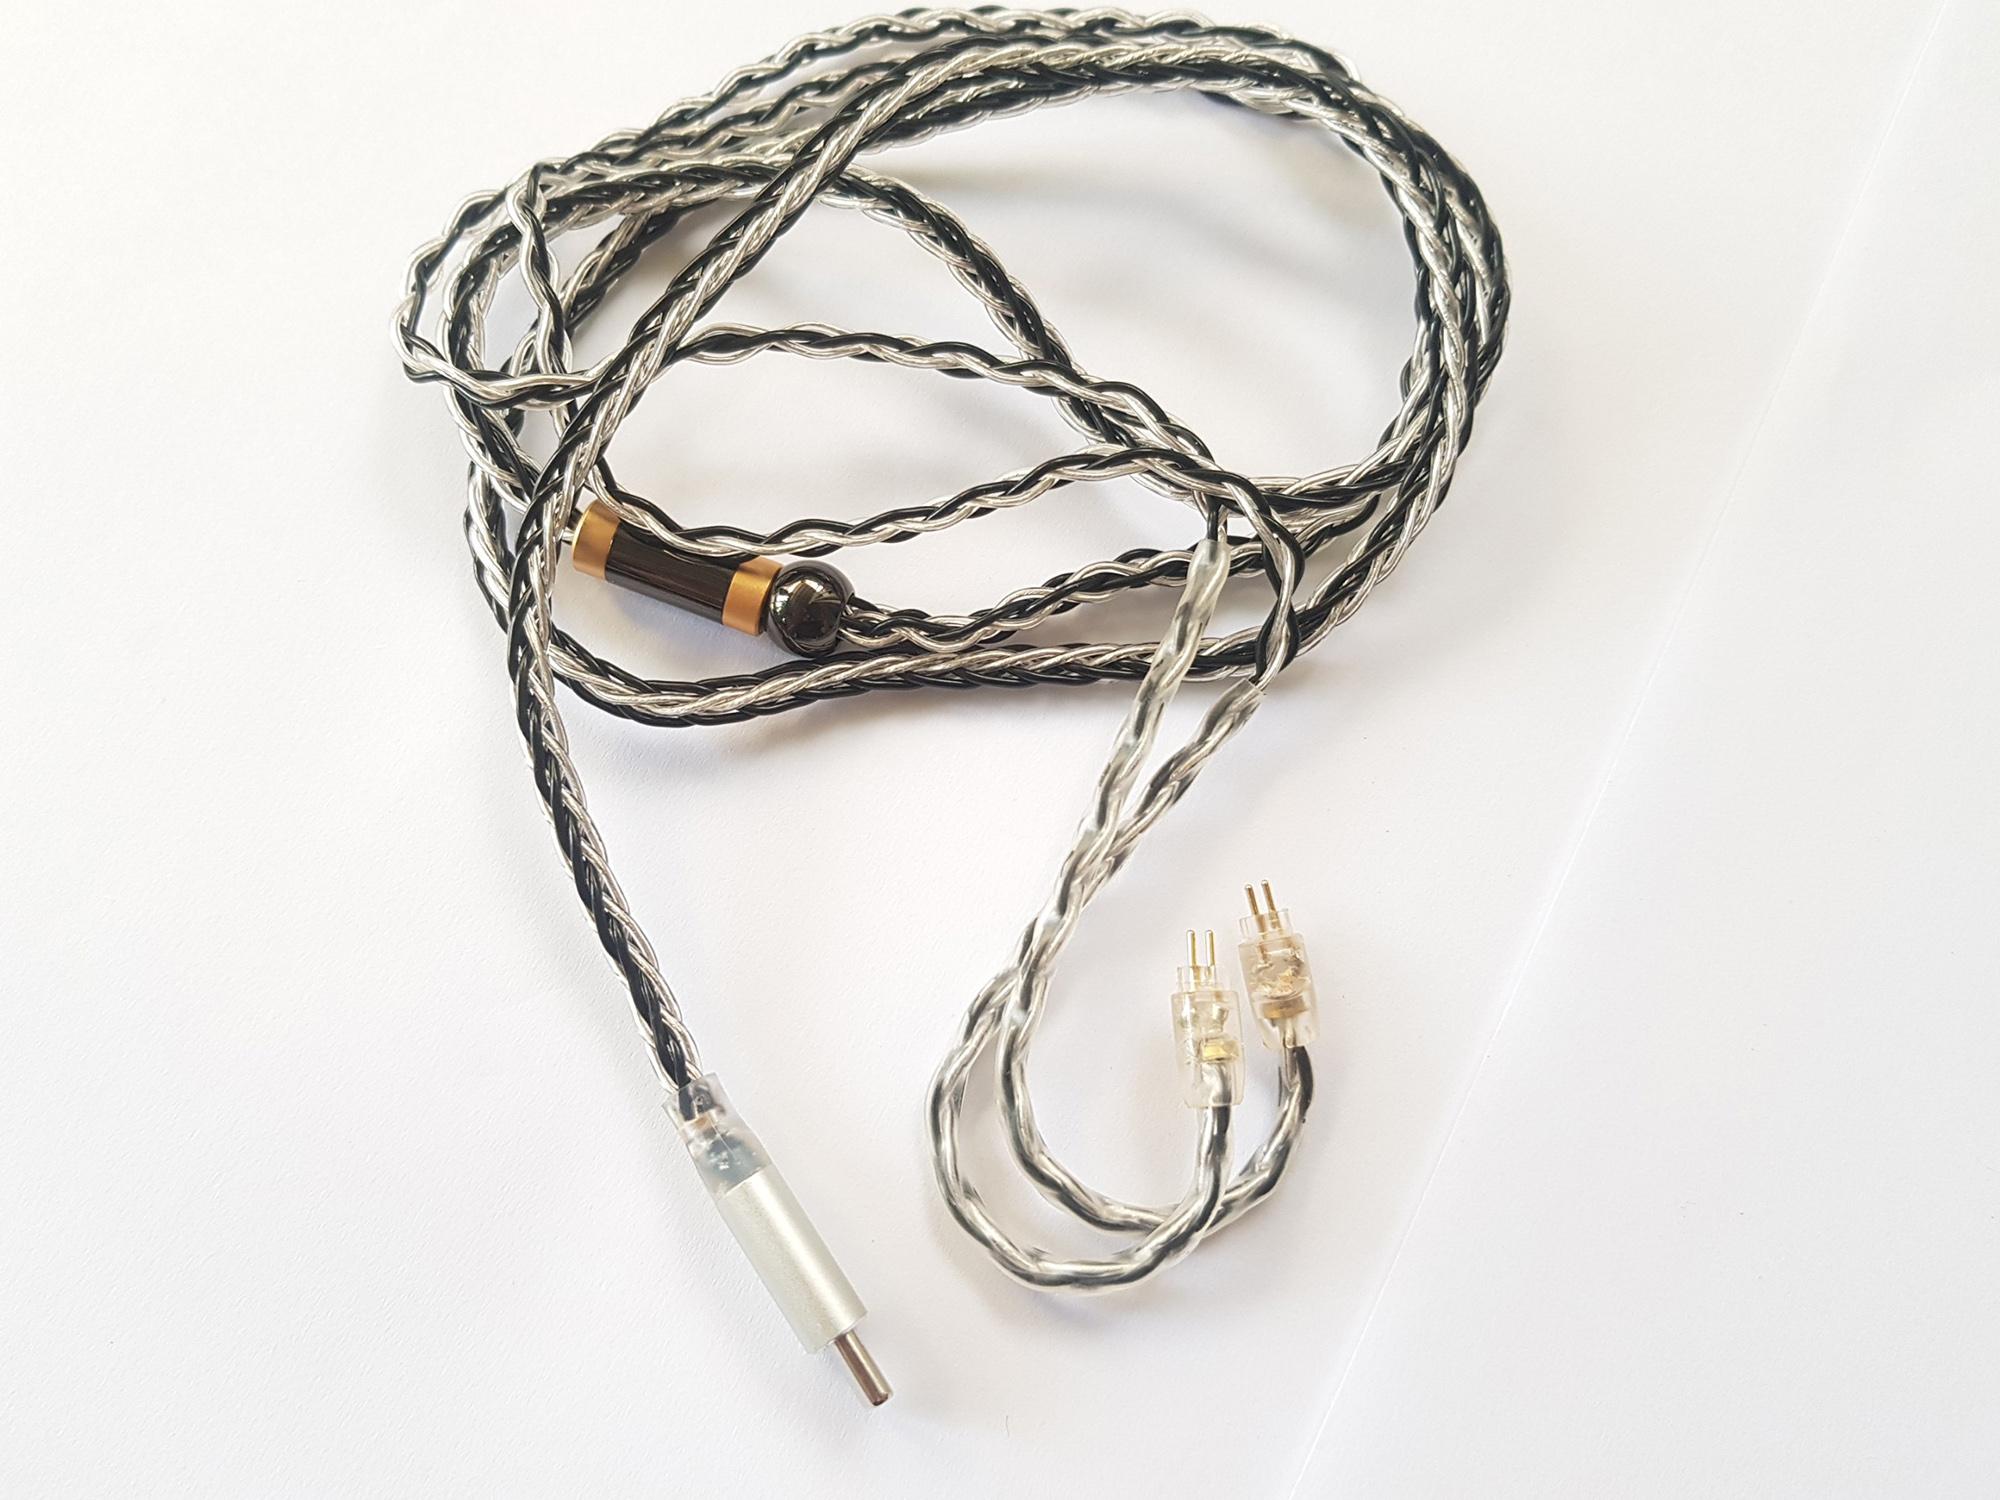 Cáp chuyển Type C sang 2 Pin 0.75mm chất lượng cao, dây mạ bạc 8 lõi, Chip CX21988 hỗ trợ đầu ra âm thanh Hires